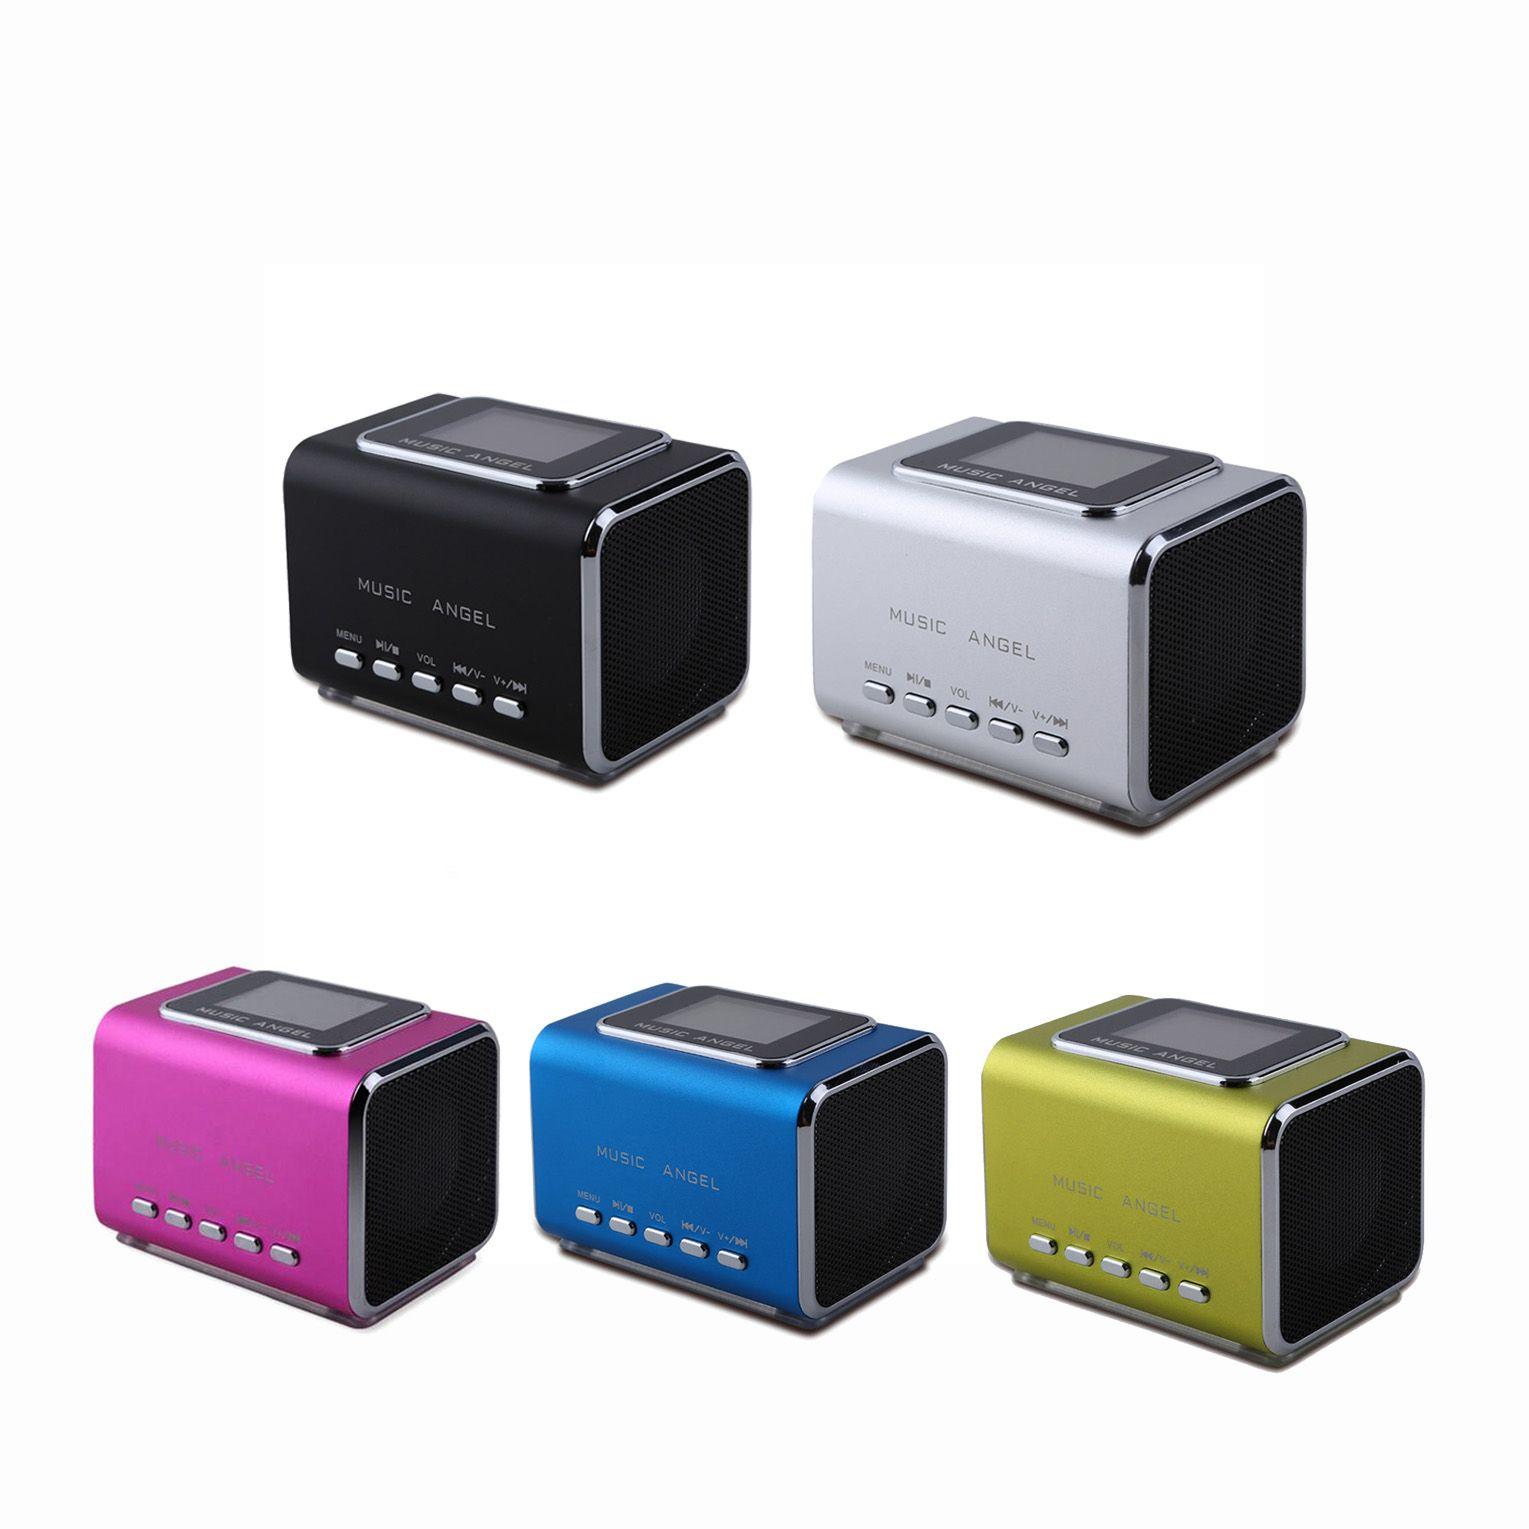 LCD-tragbare FM-Radio-PC-Lautsprecher unterstützen USB / TF-Karte / Zeile in MP3-Player-Uhr-Alarm Altavoz Origianl Music Angel JH-MD05X